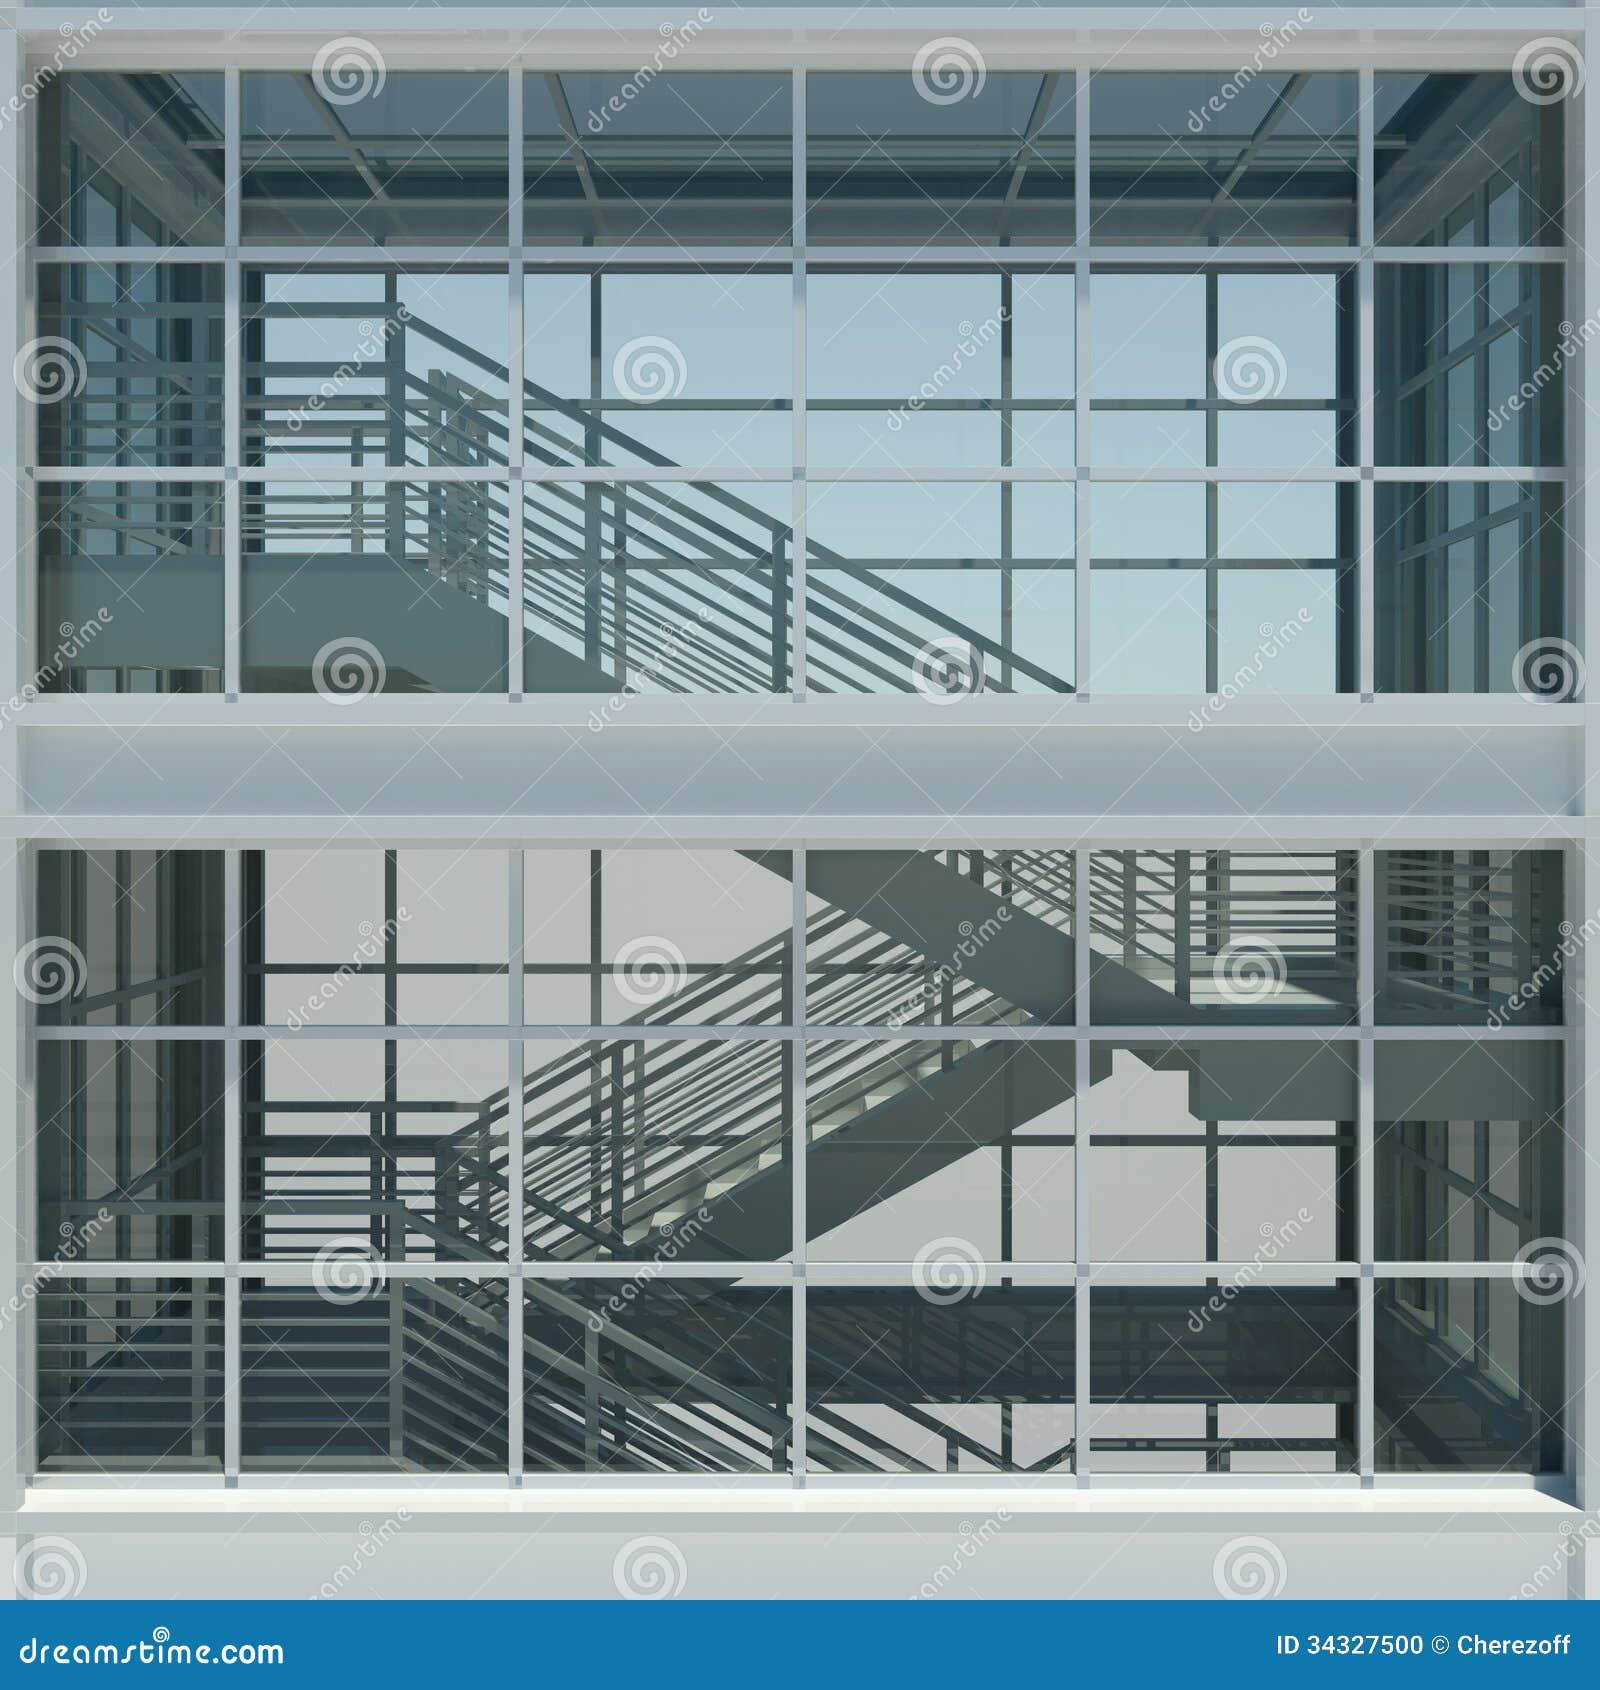 Architektur treppenhaus und fenster stock abbildung for Fenster treppenhaus